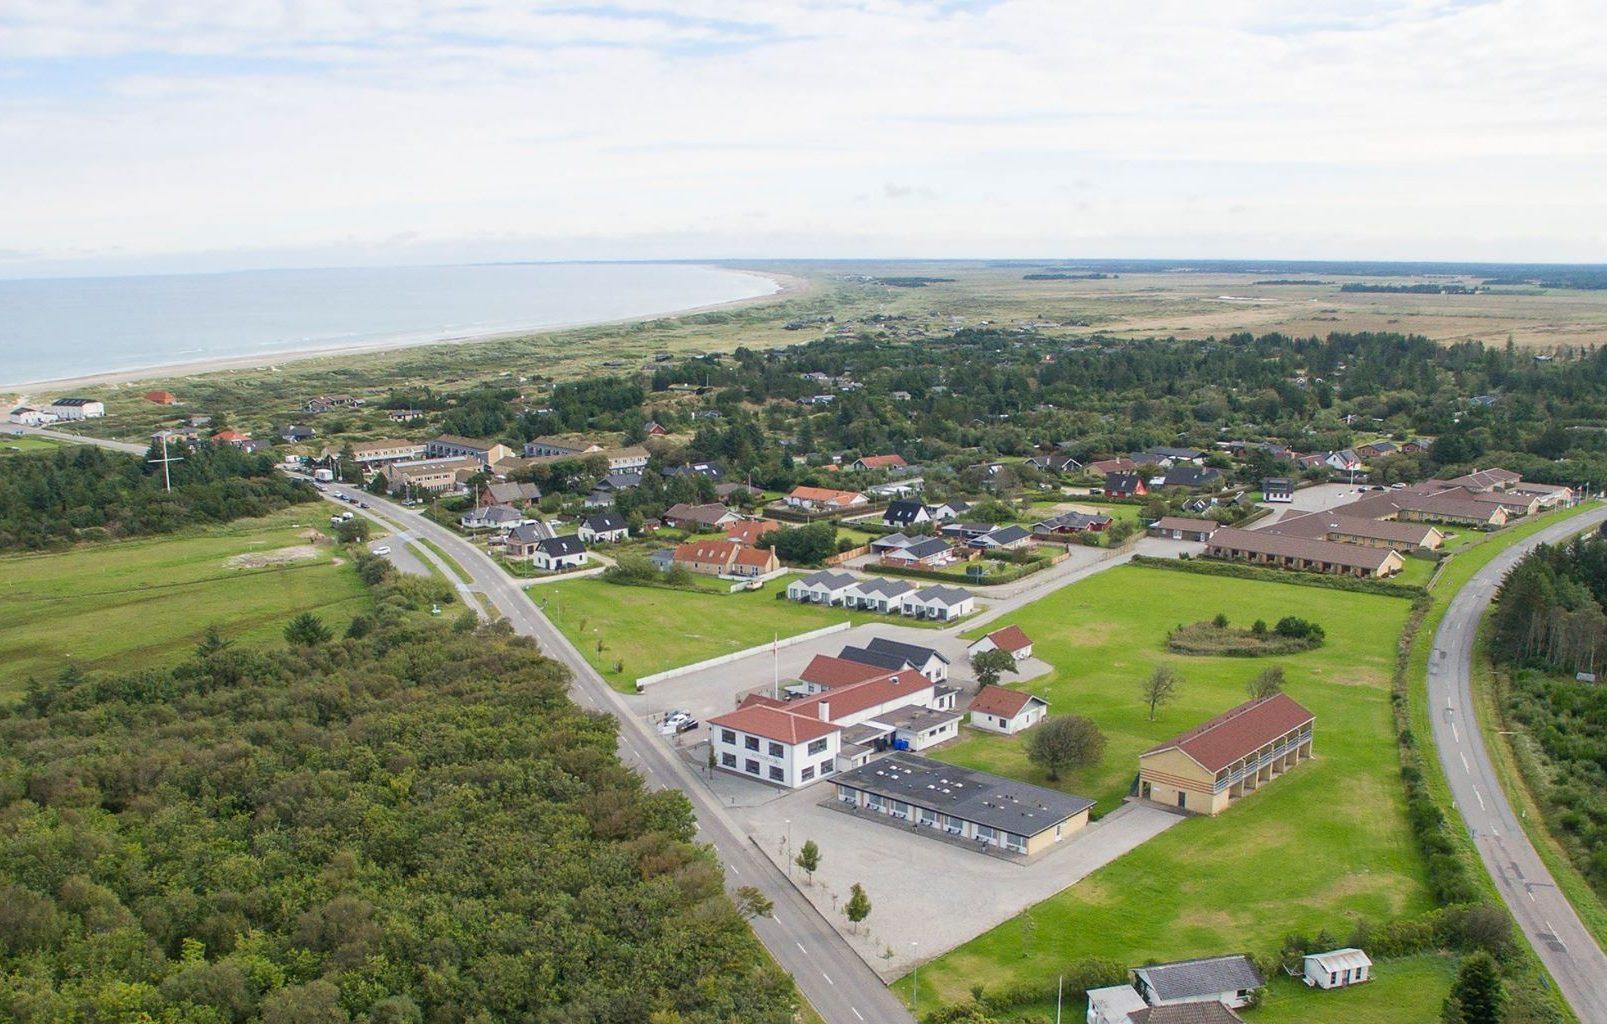 Dronefoto med Klitrosen Hotel i forgrunden, til højre ligger Rønnes Hotel og i baggrunden ses Vesterhavet. Foto: Klitrosen Hotel.